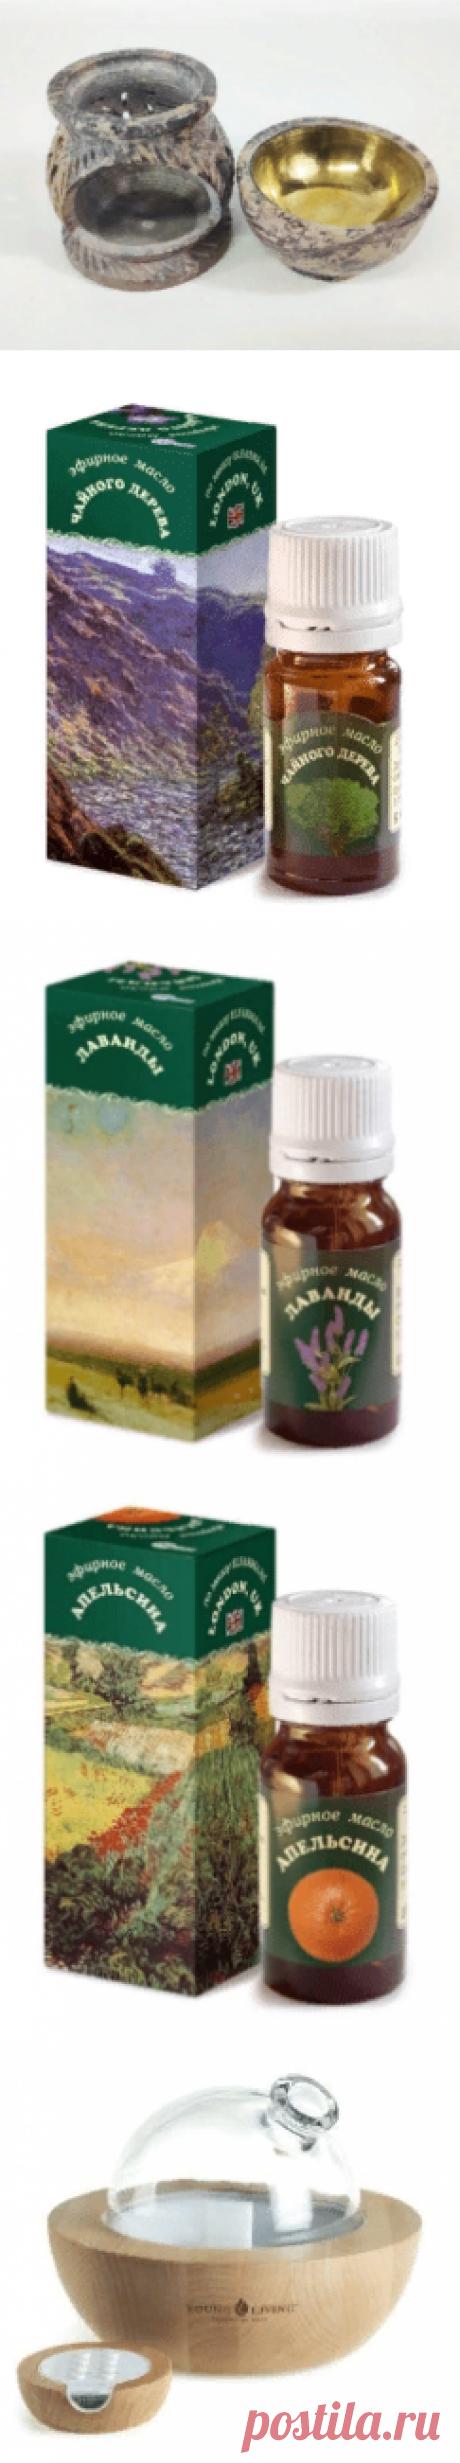 Эфирные масла лаванды, апельсина, чайного дерева. Применение в ванне, массаже и в камине